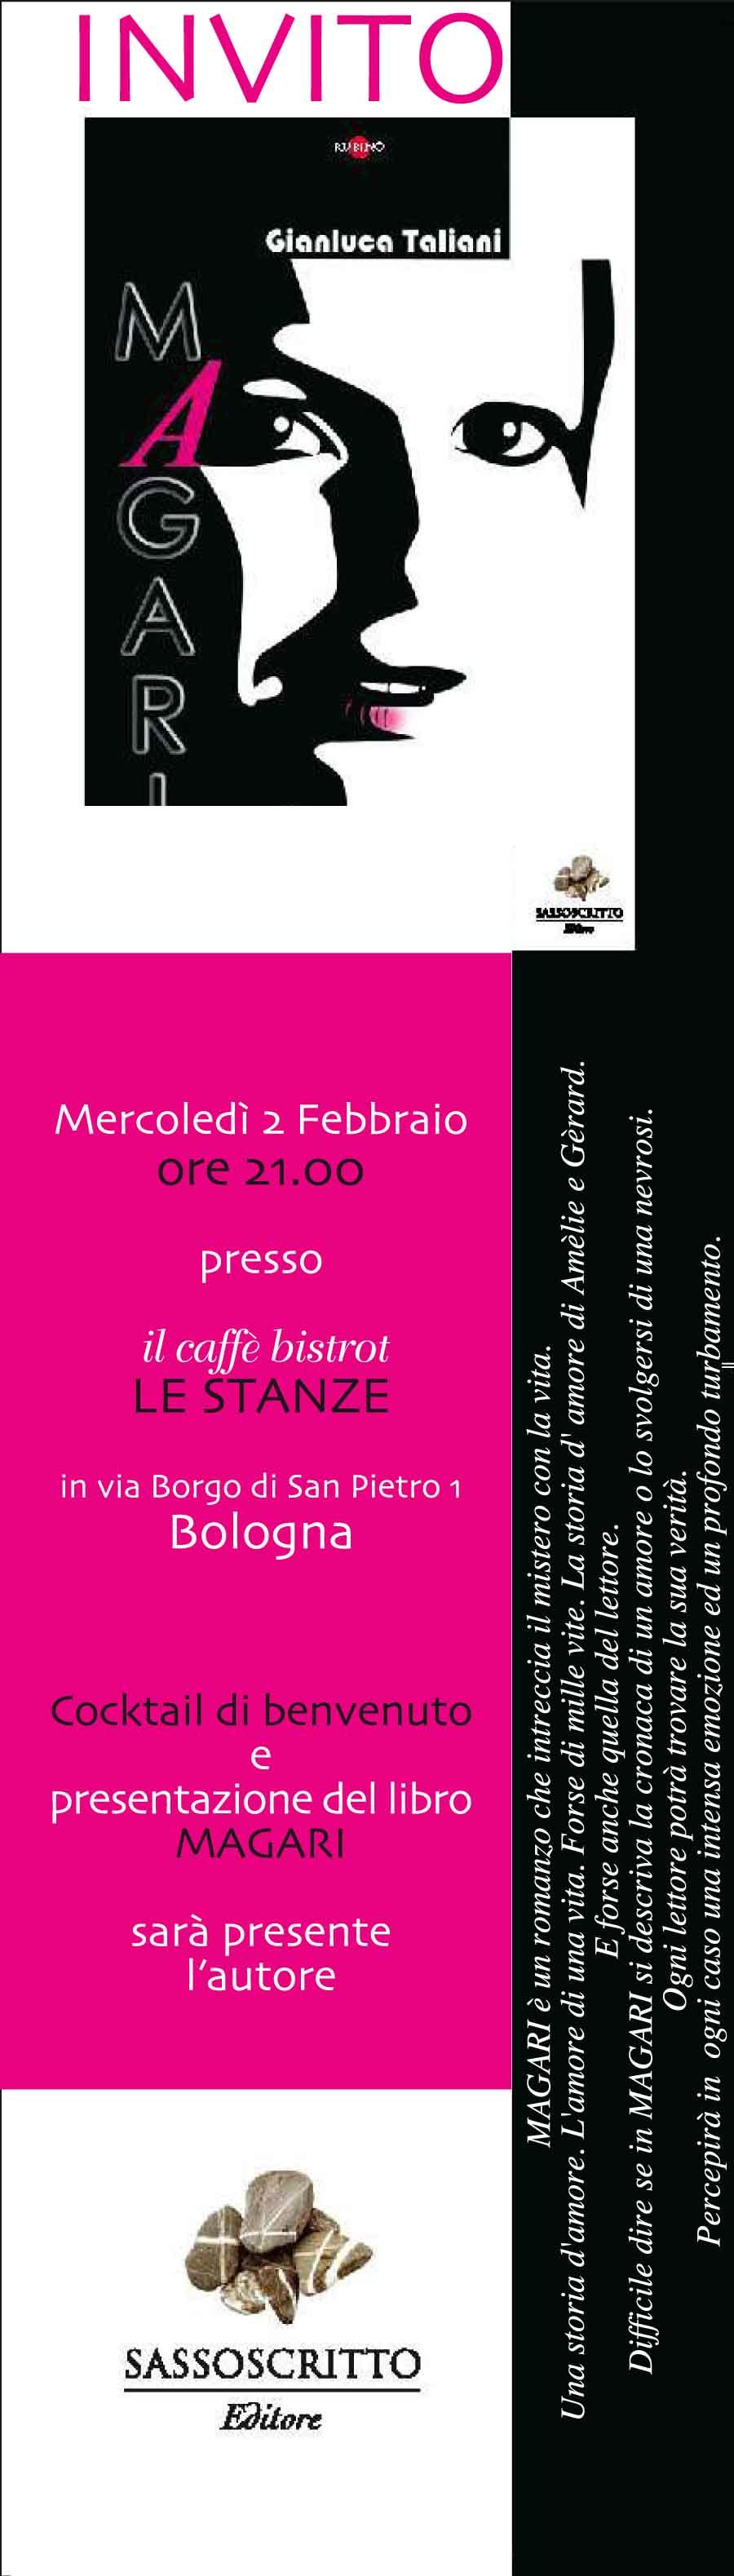 Gennaio 2011 mistic media blog for Le stanze di sara bologna